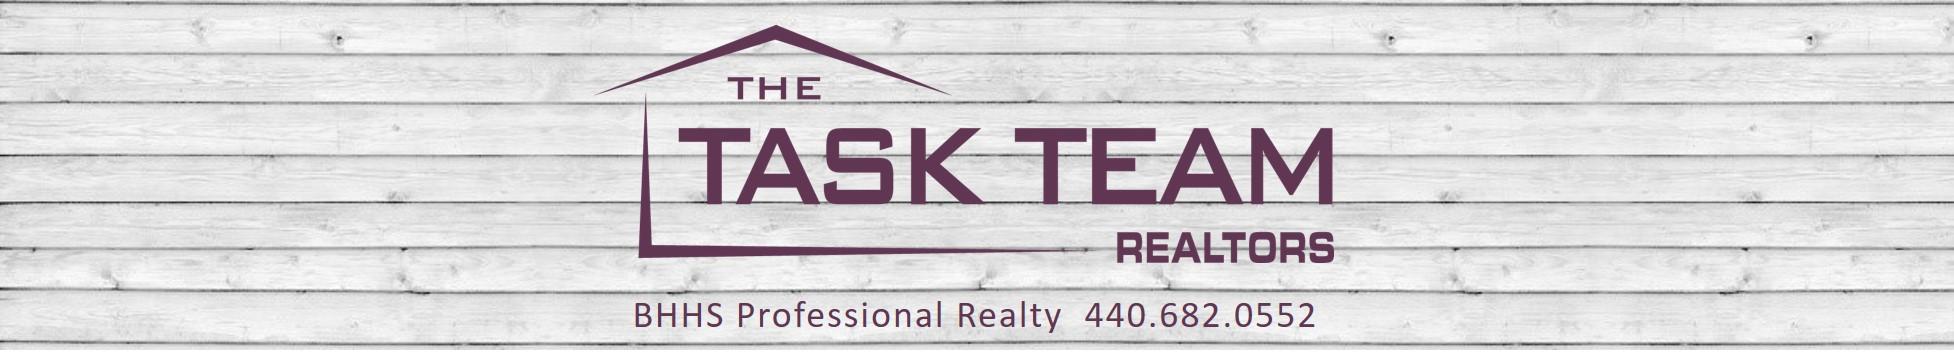 Task Team Realtors